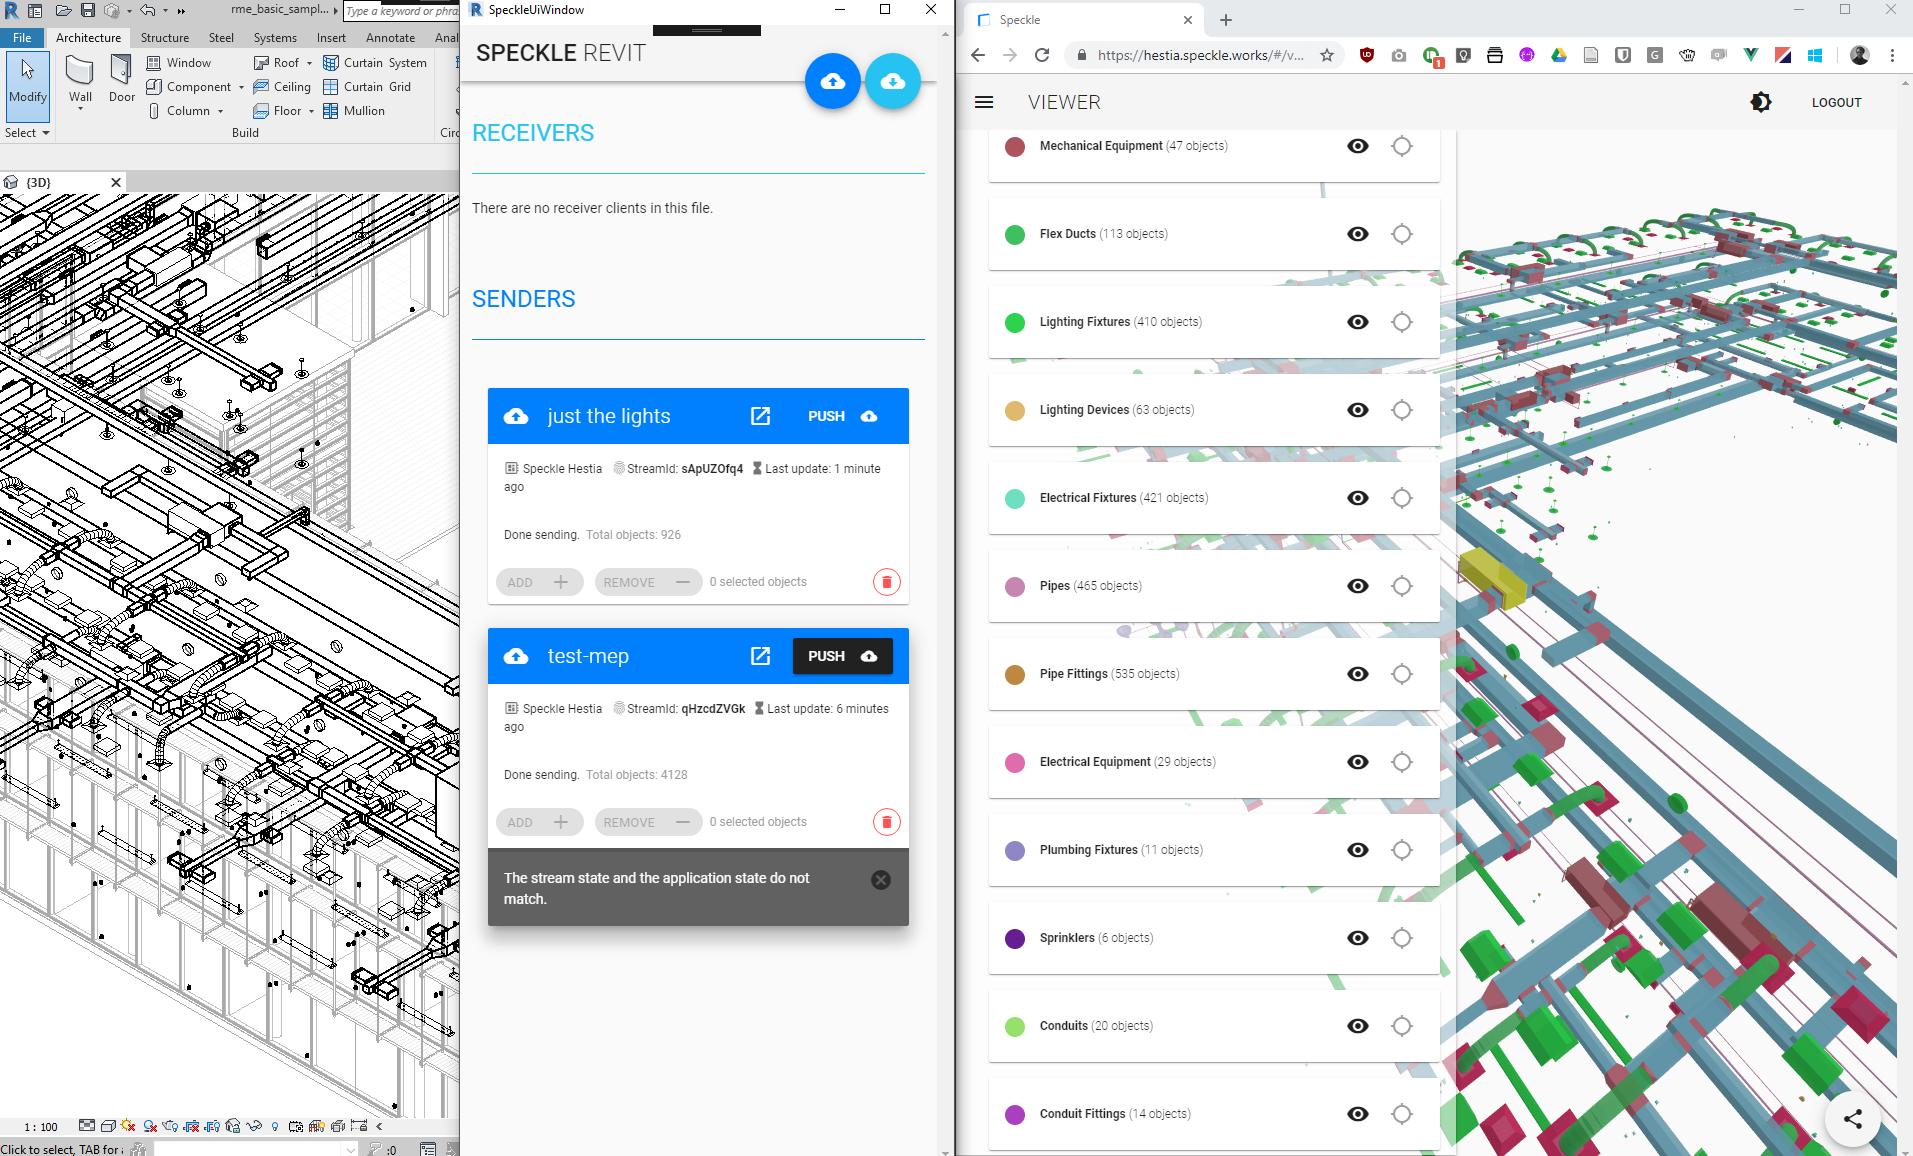 GitHub - speckleworks/SpeckleRevitReboot: ITS REVIT TIME